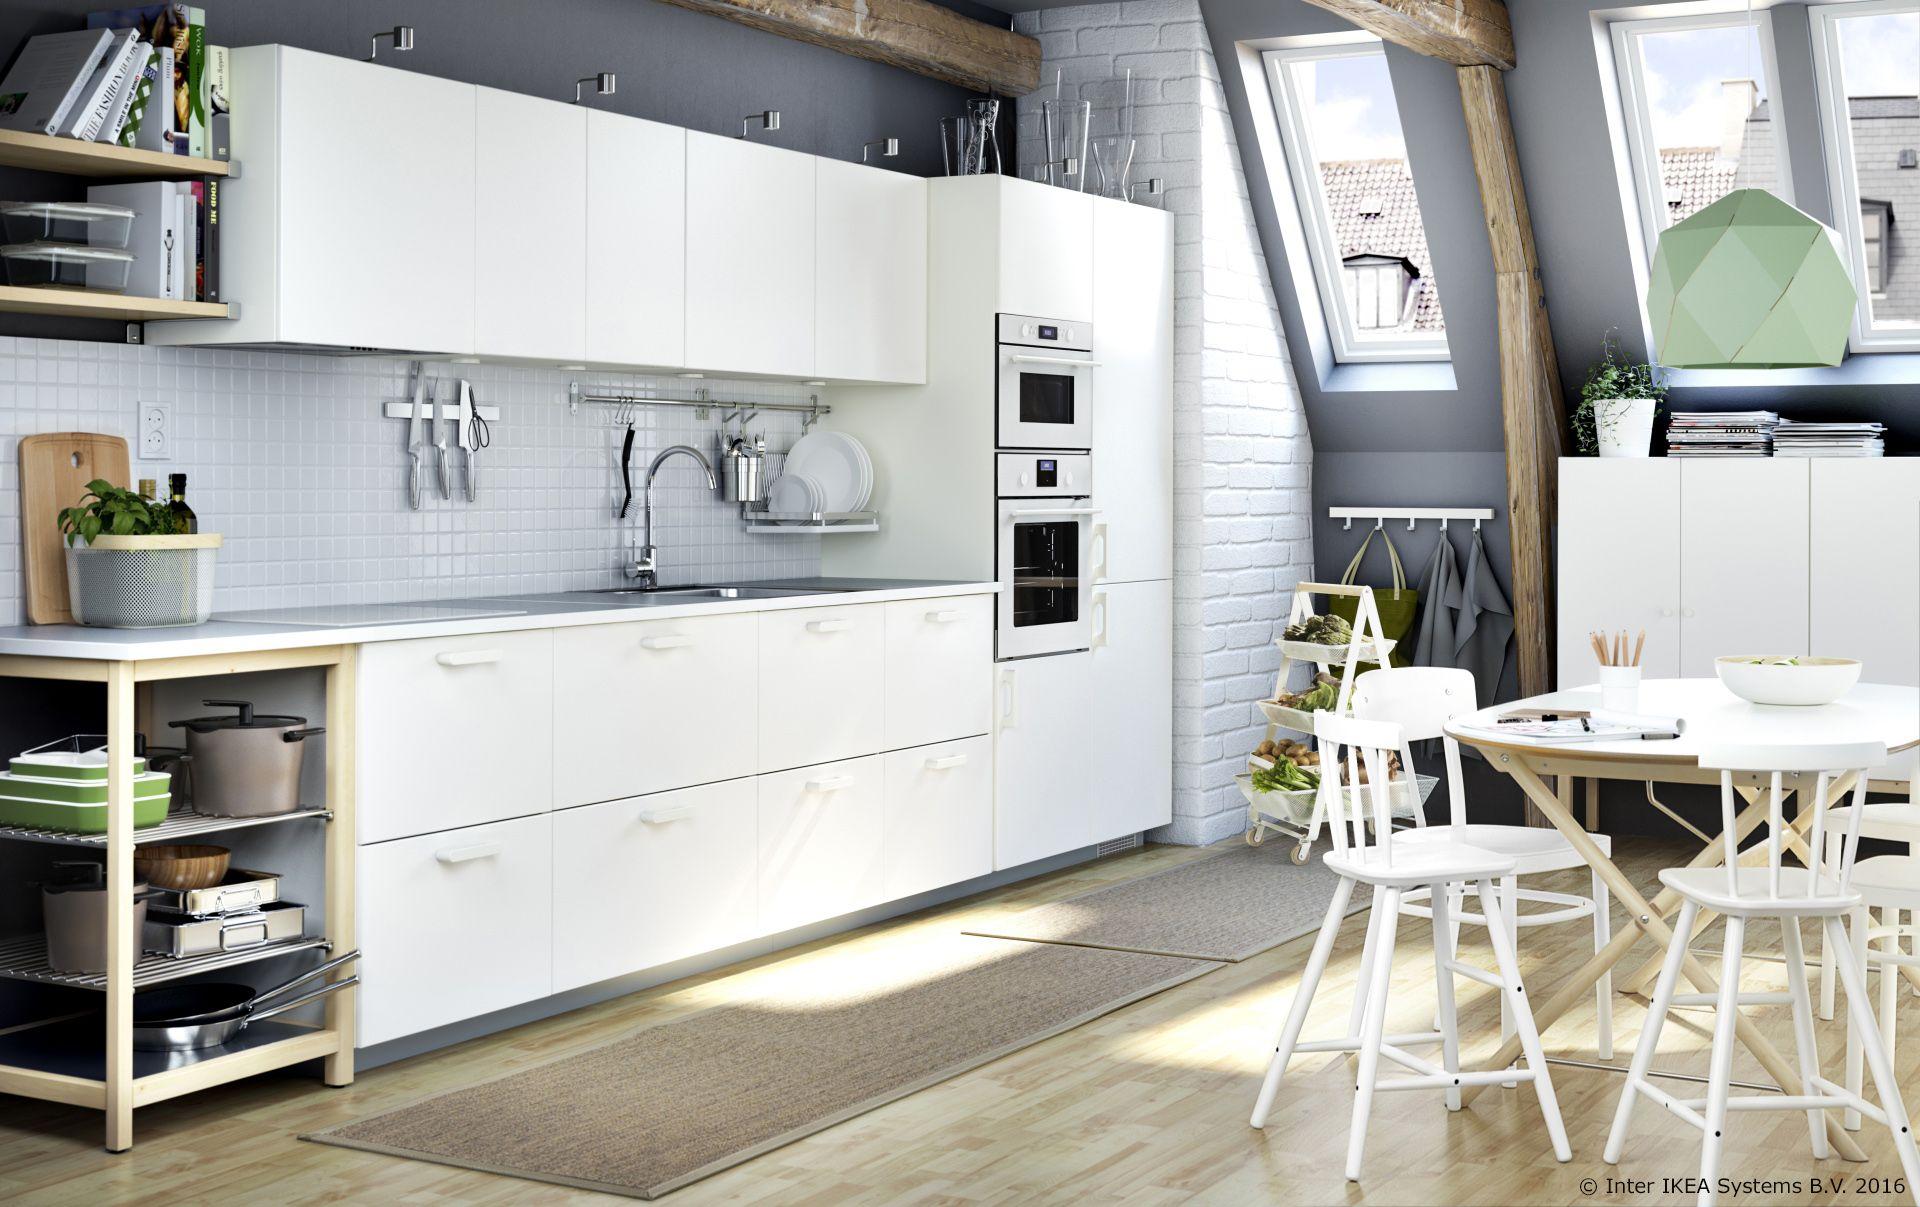 Ikea Küche Faktum Ebay. Steckdose Für Arbeitsplatte Küche ...